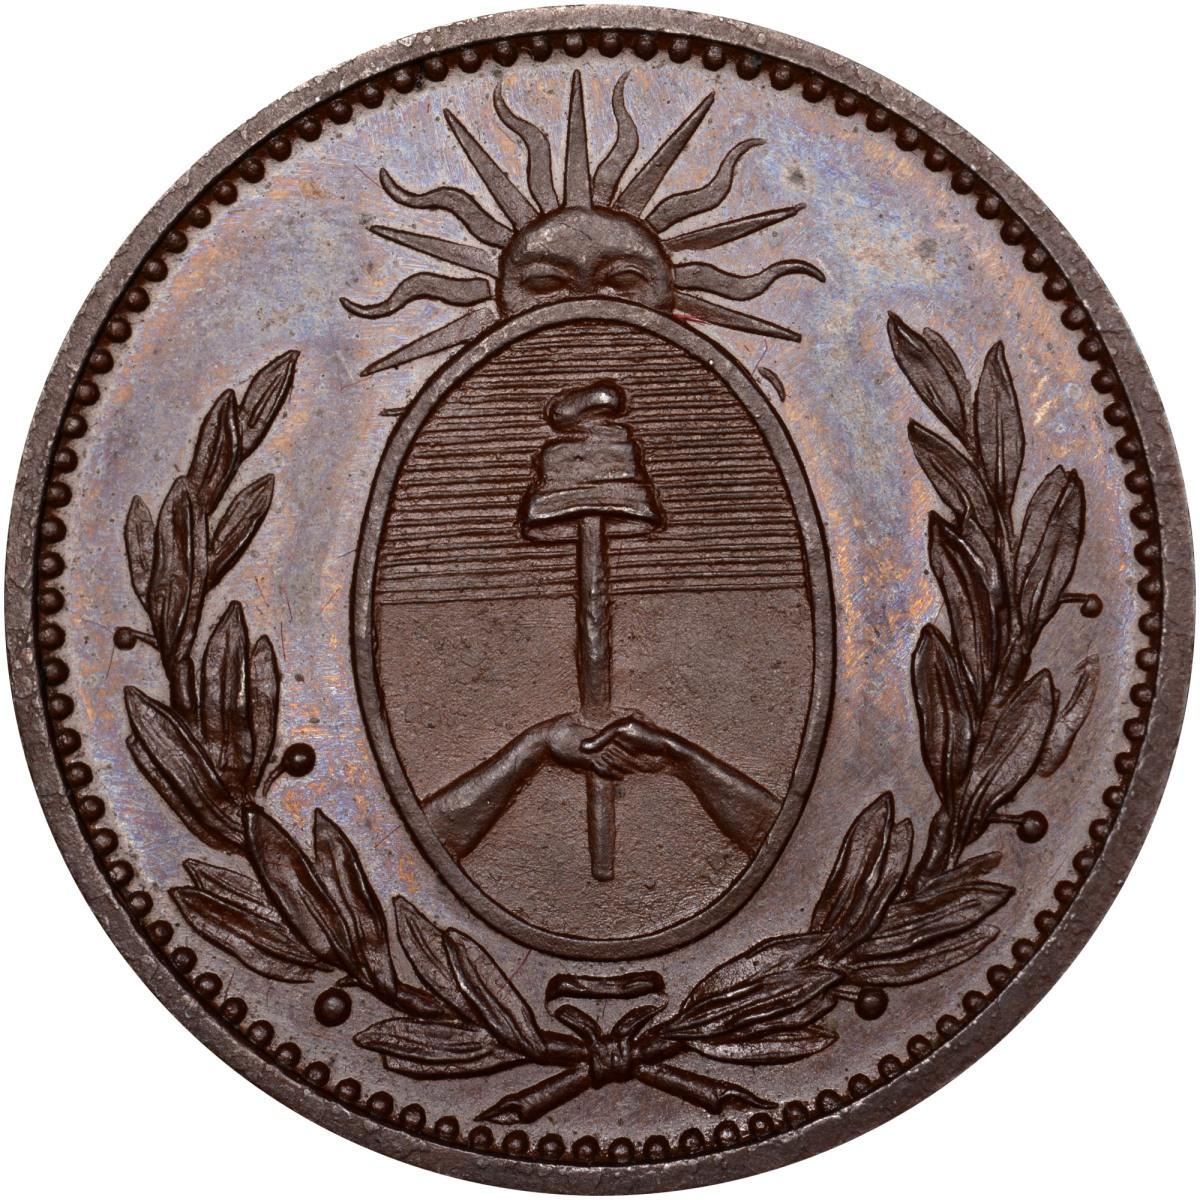 20 de Abril 1827: Desmonetización de los Décimos de Cobre